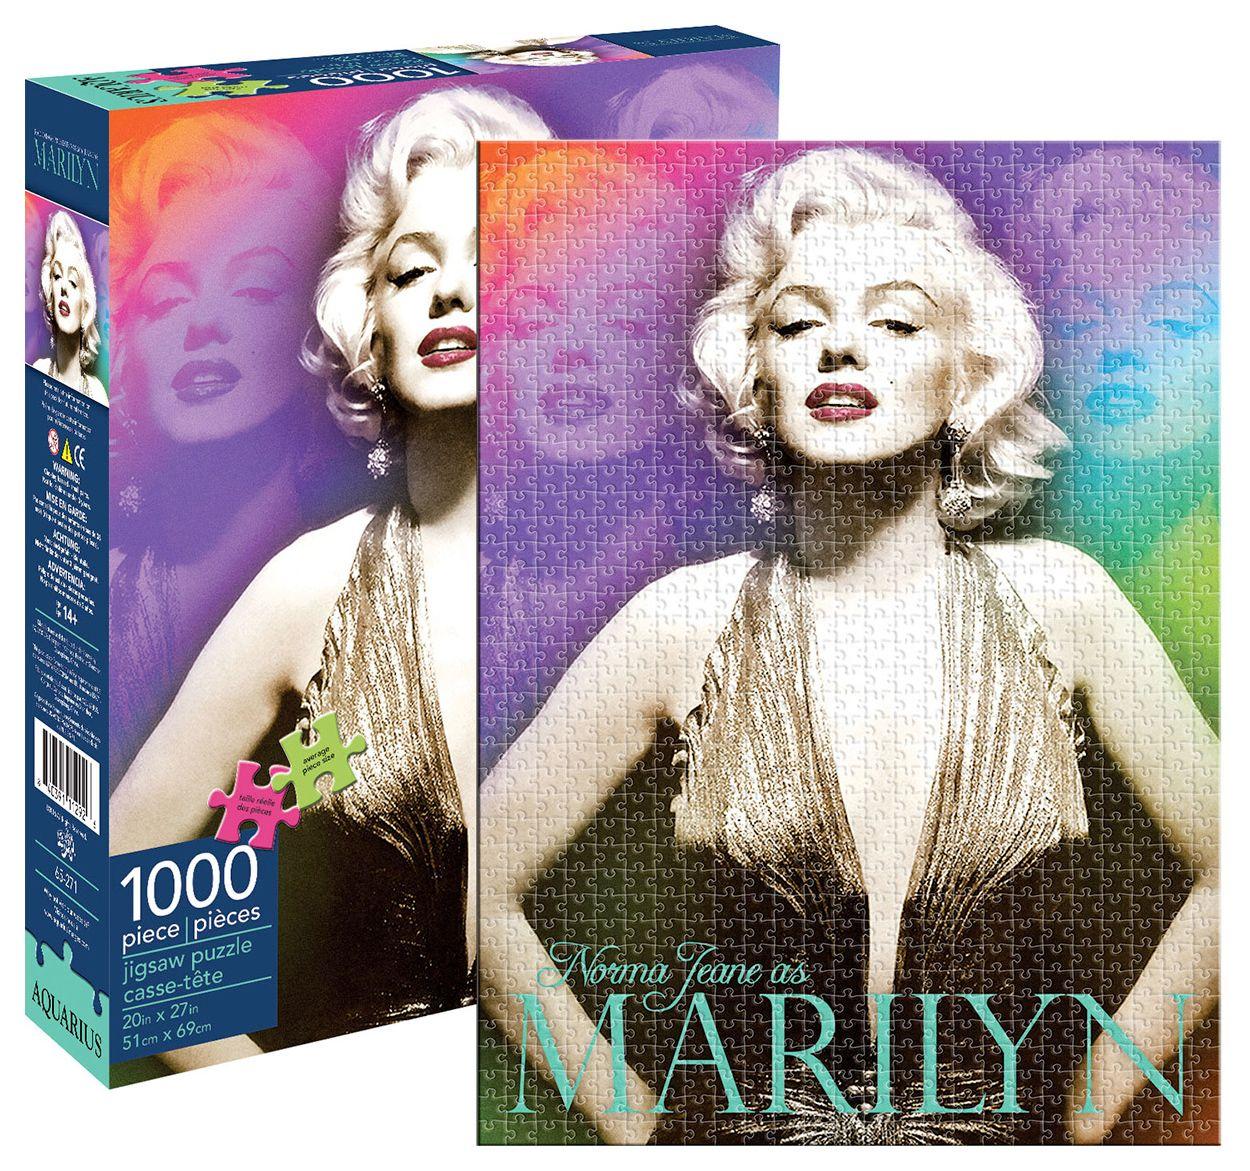 Quebra-Cabeca-Marilyn-Monroe-Colors-1000-Piece-Puzzle-02